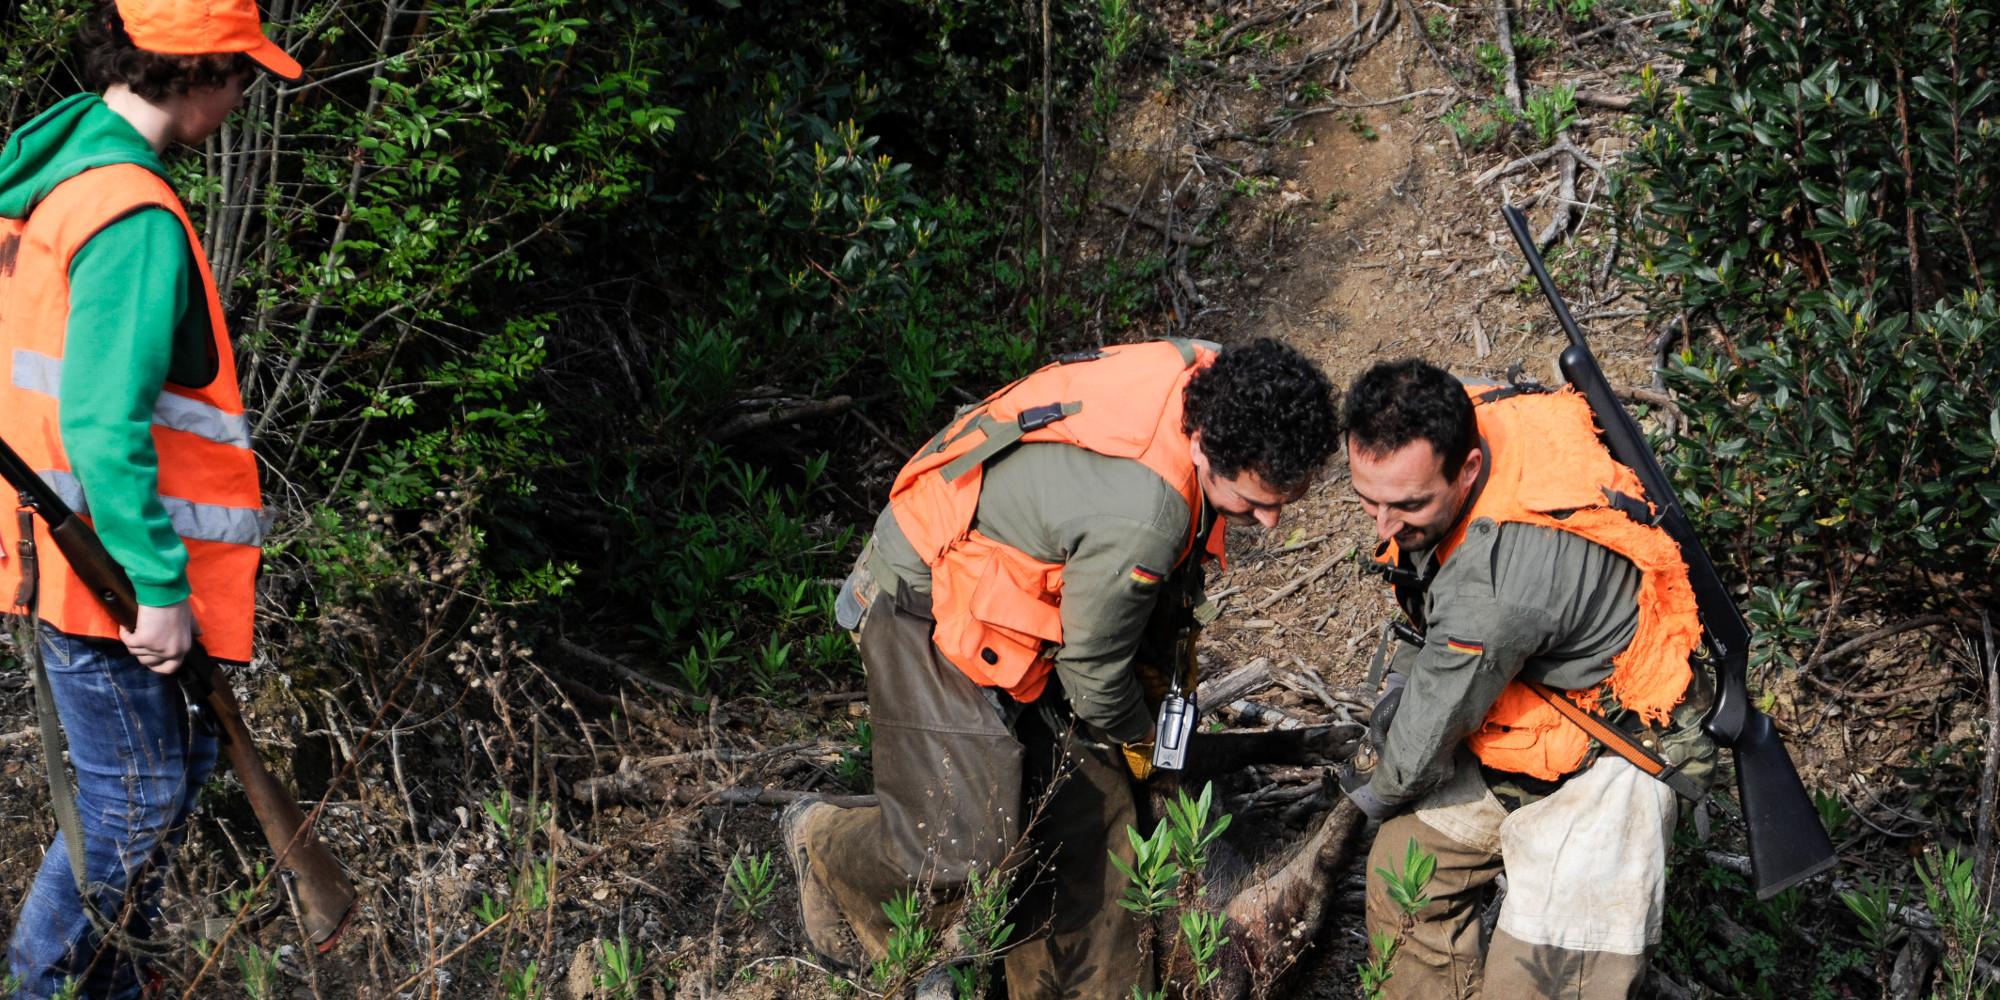 sicurezza a caccia: tre cacciatori con la spoglia di un cinghiale abbattuto